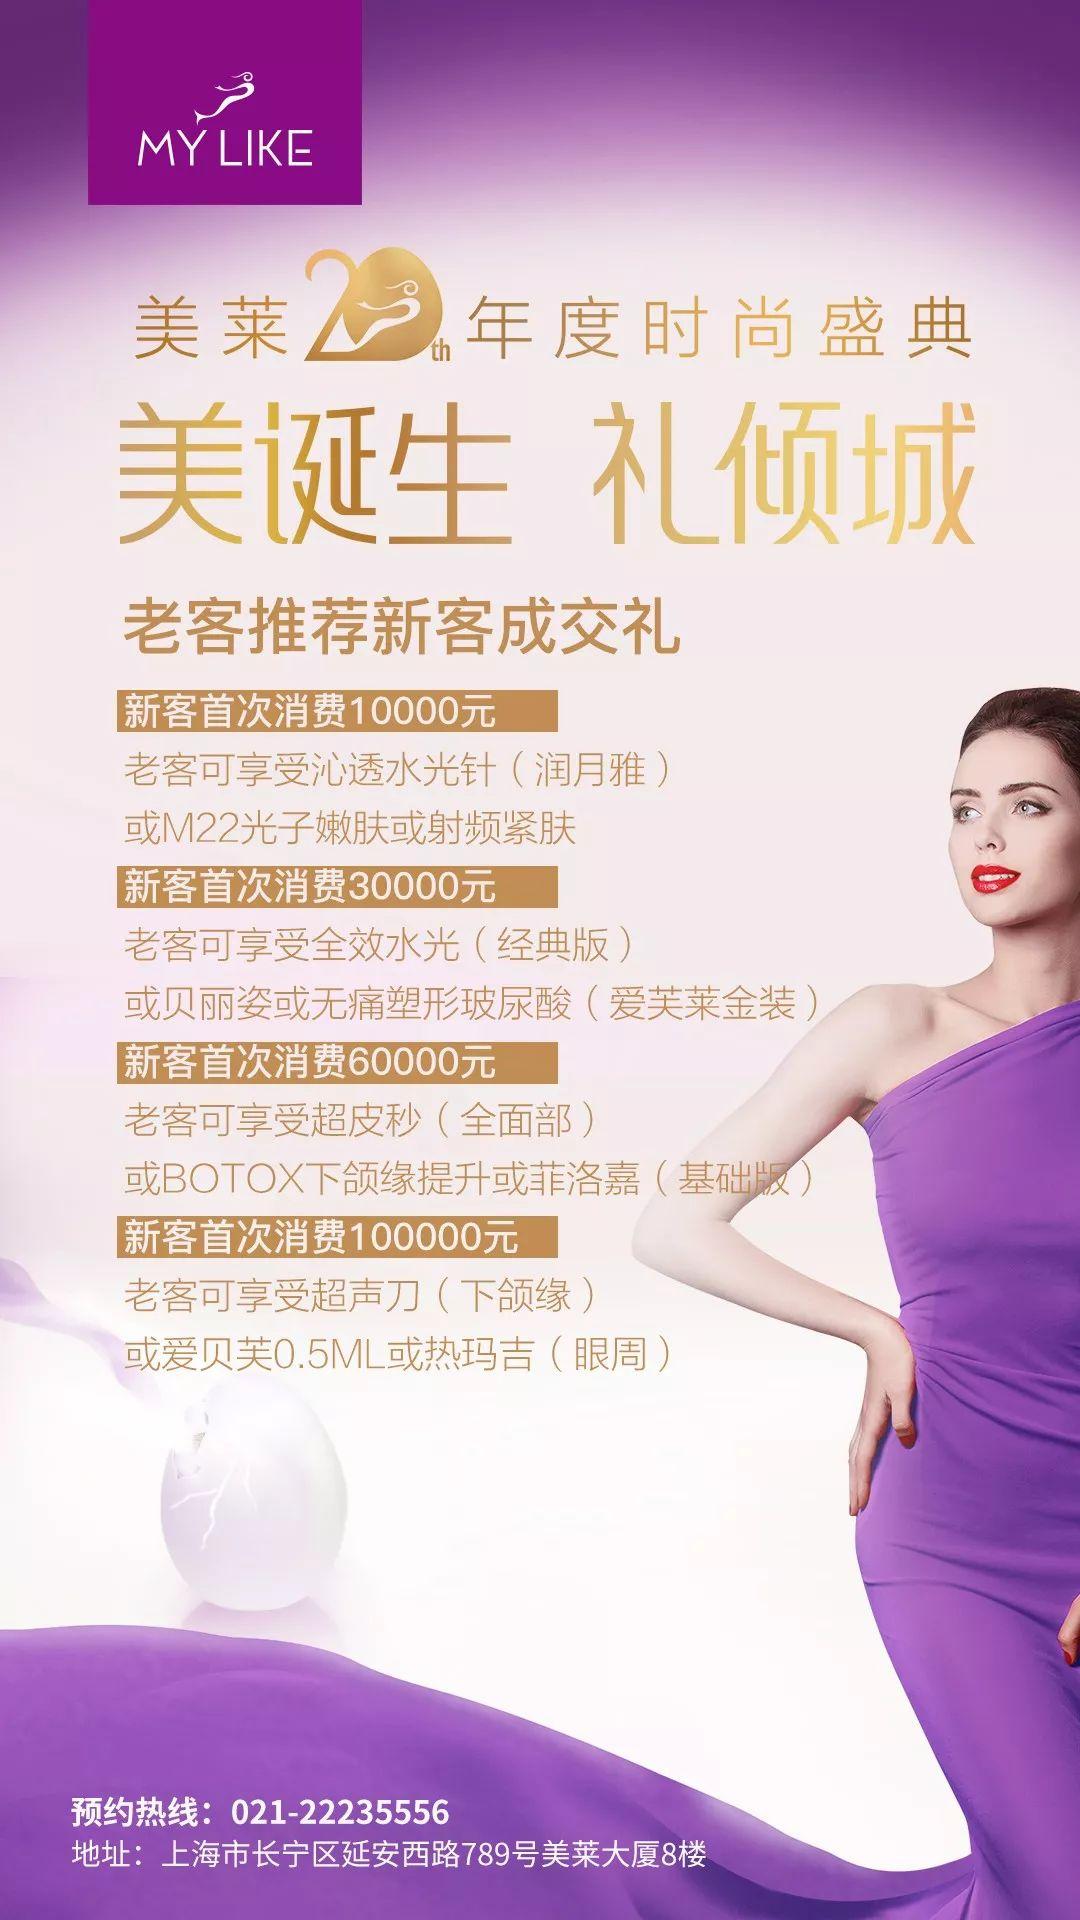 美莱20年度时尚盛典 口腔产品全线8.5折